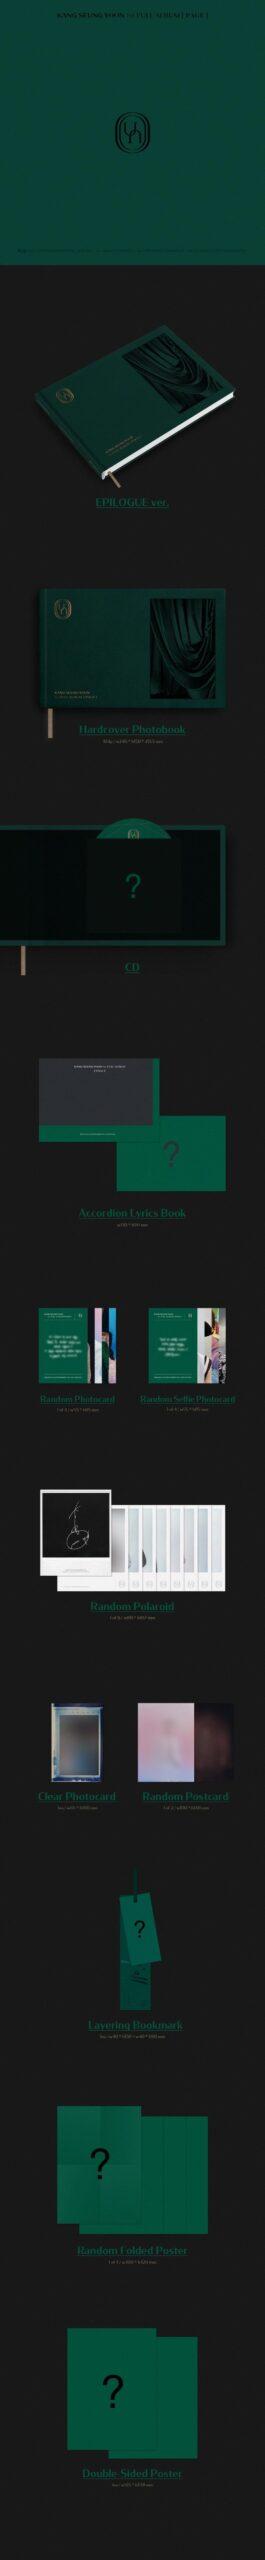 KANG SEUNG YOON 1er ALBUM COMPLETO PAGINA EPILOGO Ver. Poster 1